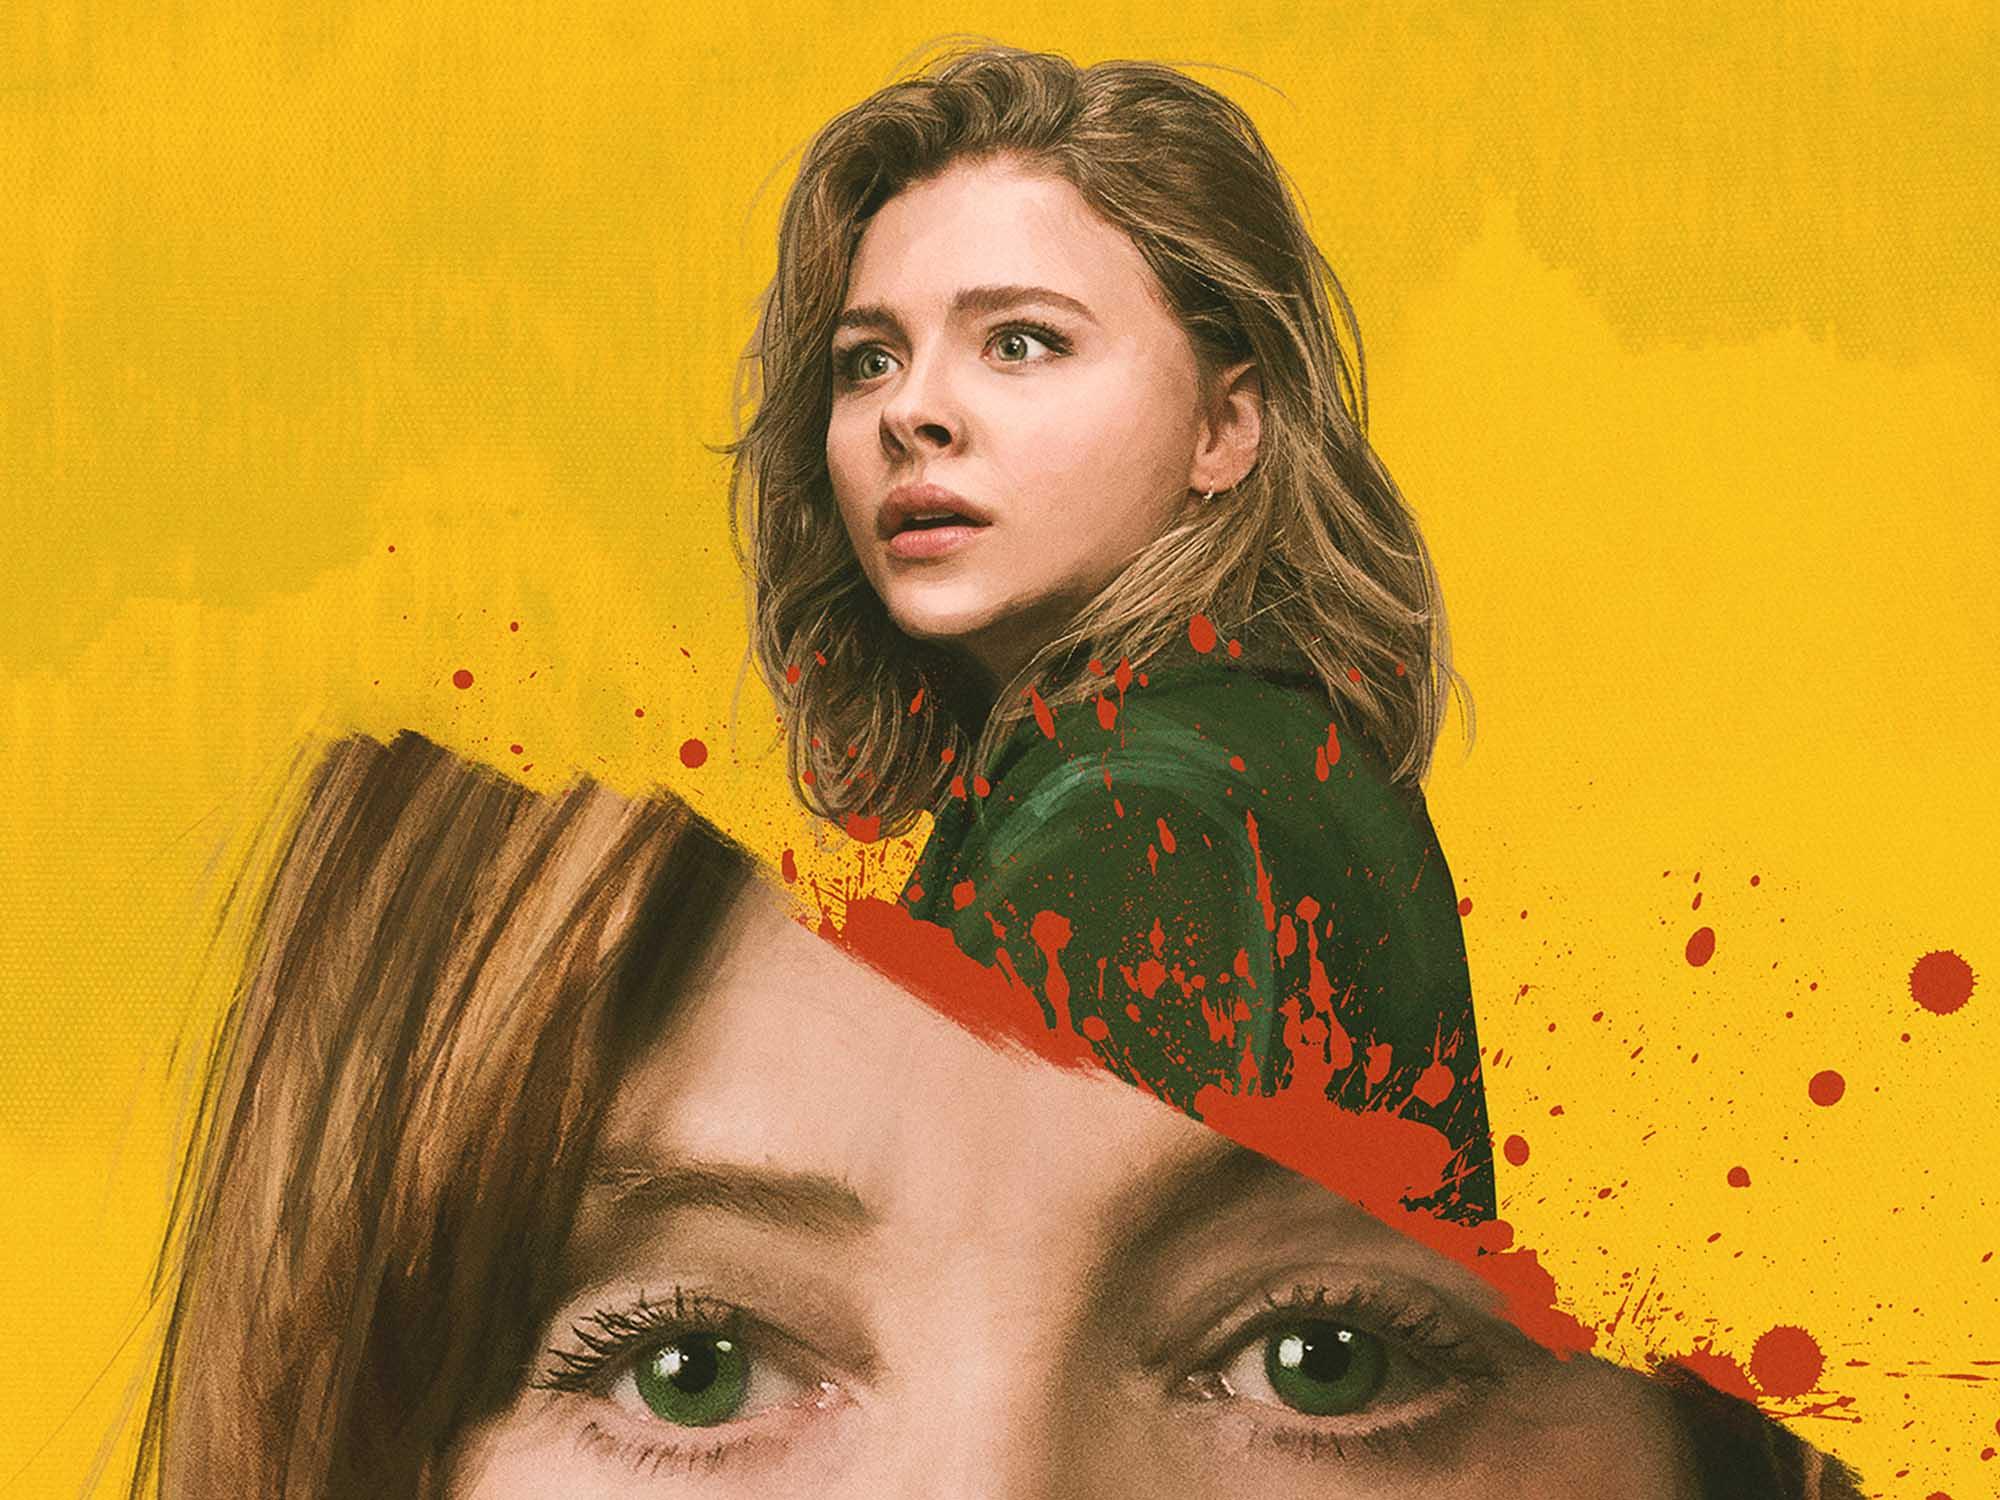 Greta-Film-Review.jpg